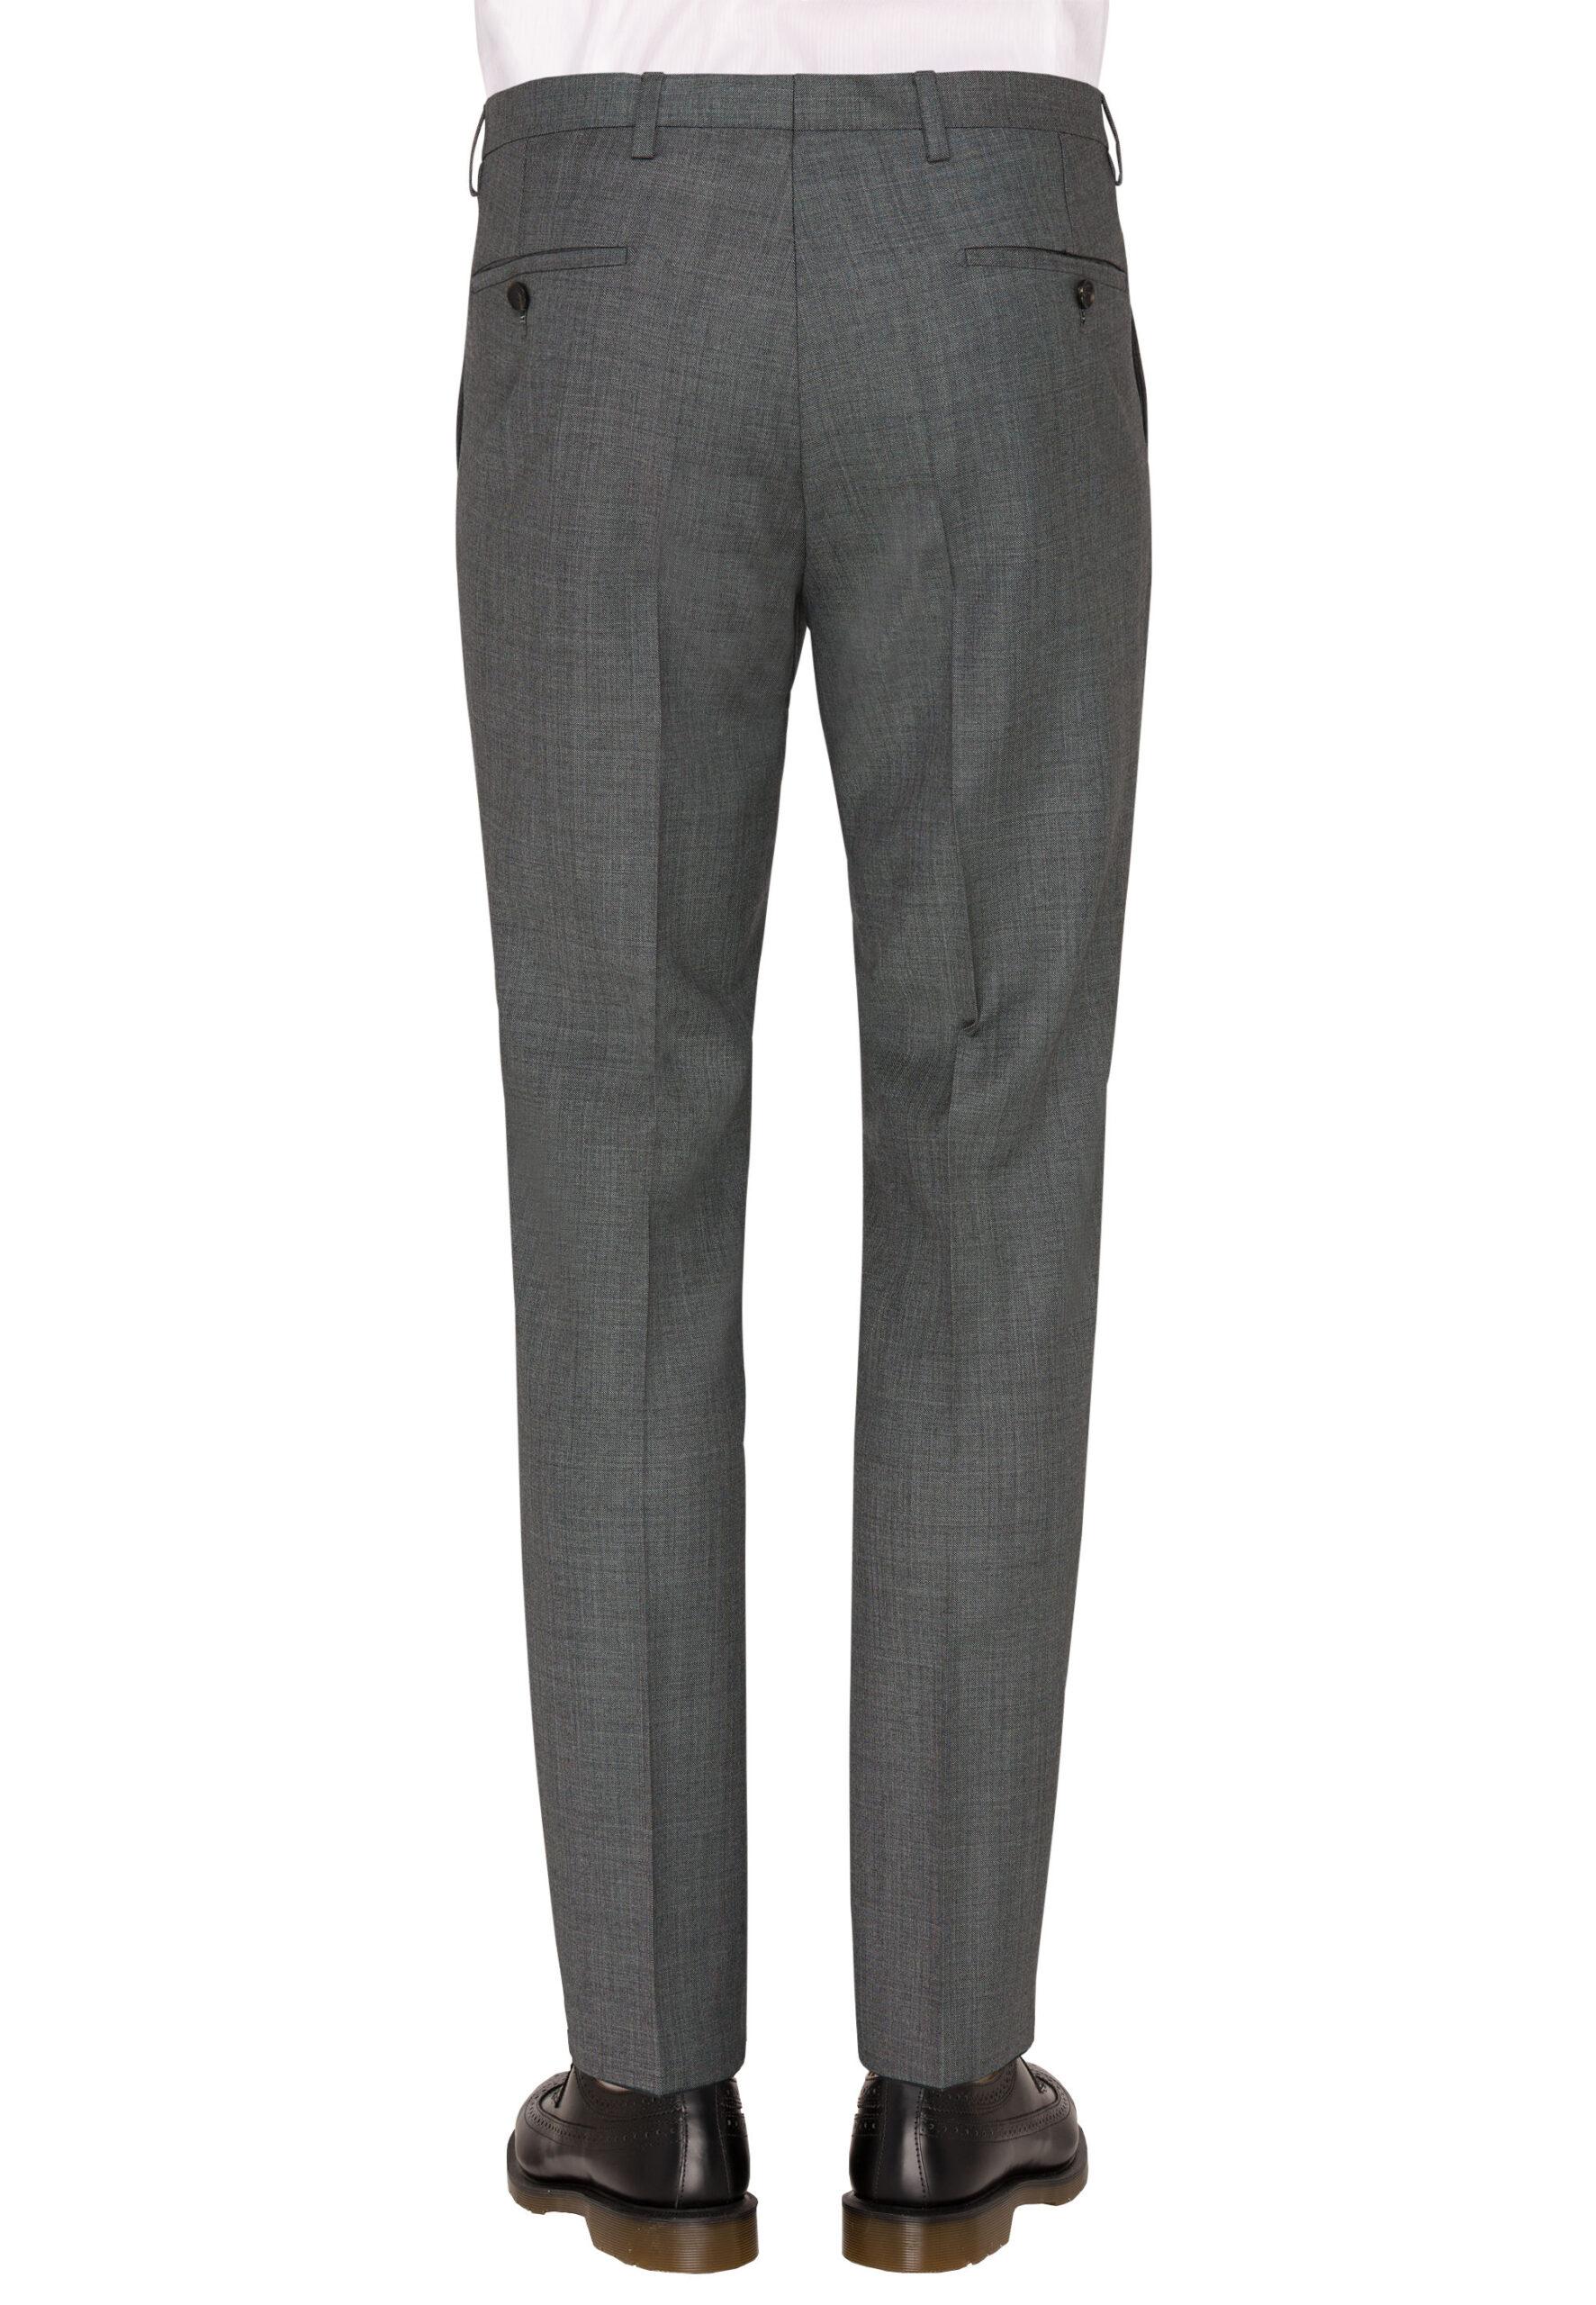 Savile Row grijs broek achter